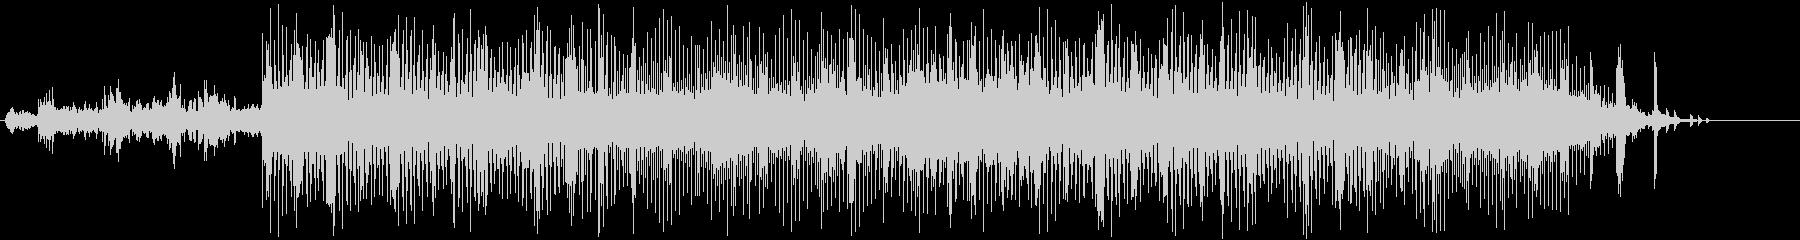 近未来的なテクスチャー楽曲(ピアノあり)の未再生の波形